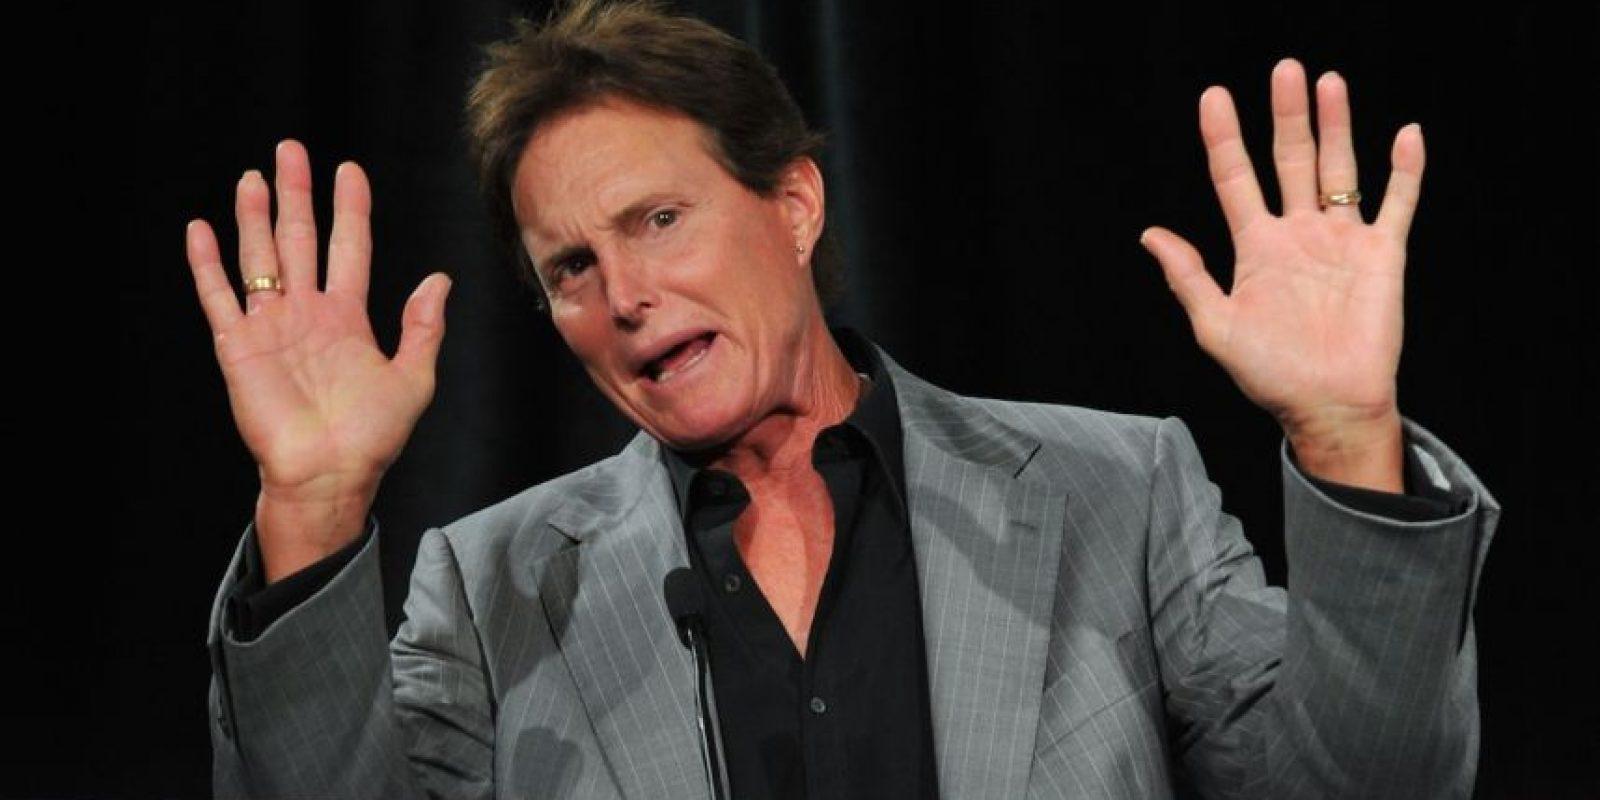 Por otra parte, en 2014, Bruce se enfrentó a una serie de rumores en los que se indicaba que había iniciado su transición al sexo femenino Foto:Getty Images